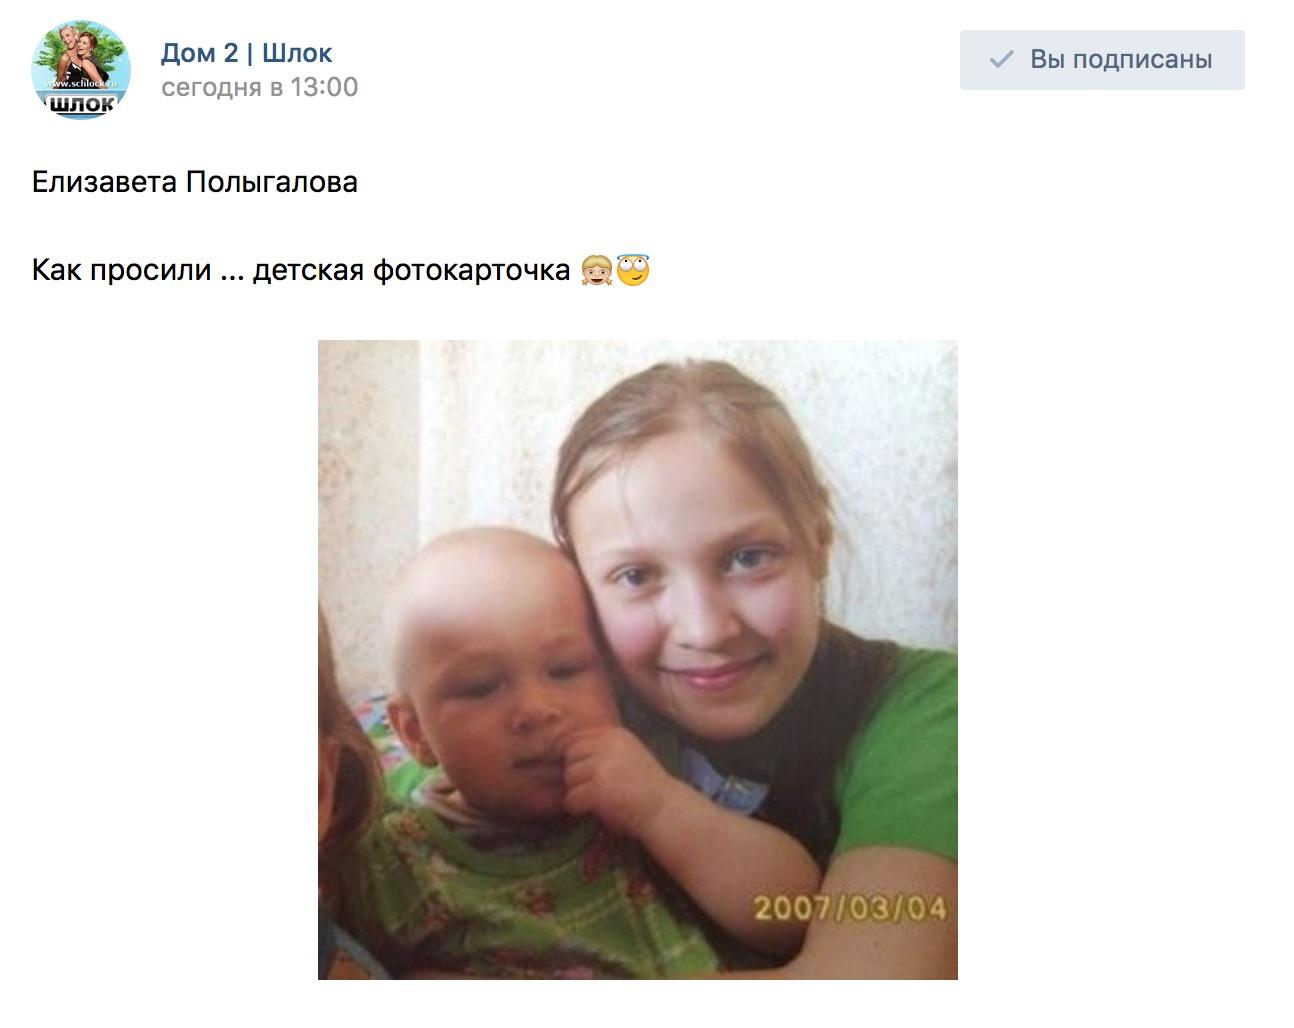 Детское фото Полыгаловой